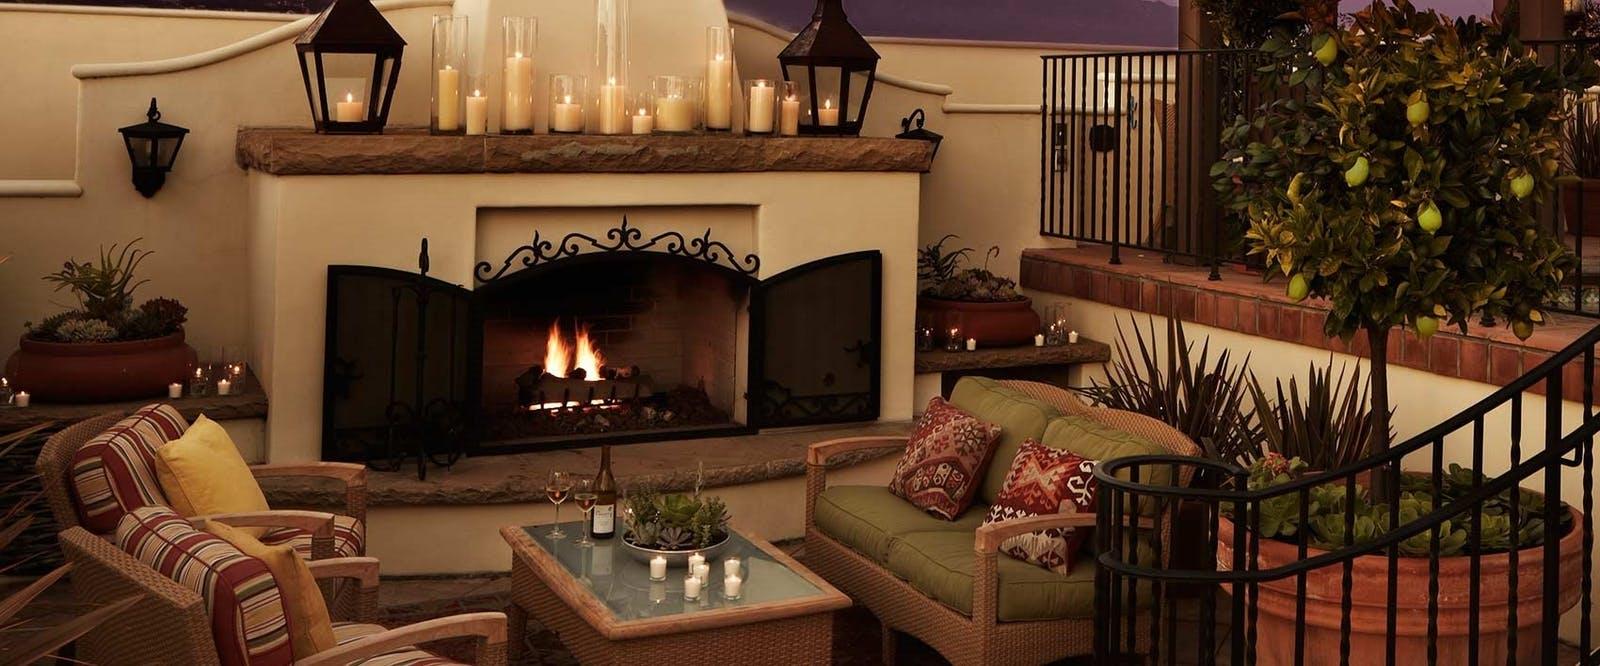 Kimpton Canary Luxury Santa Barbara Hotel Itc